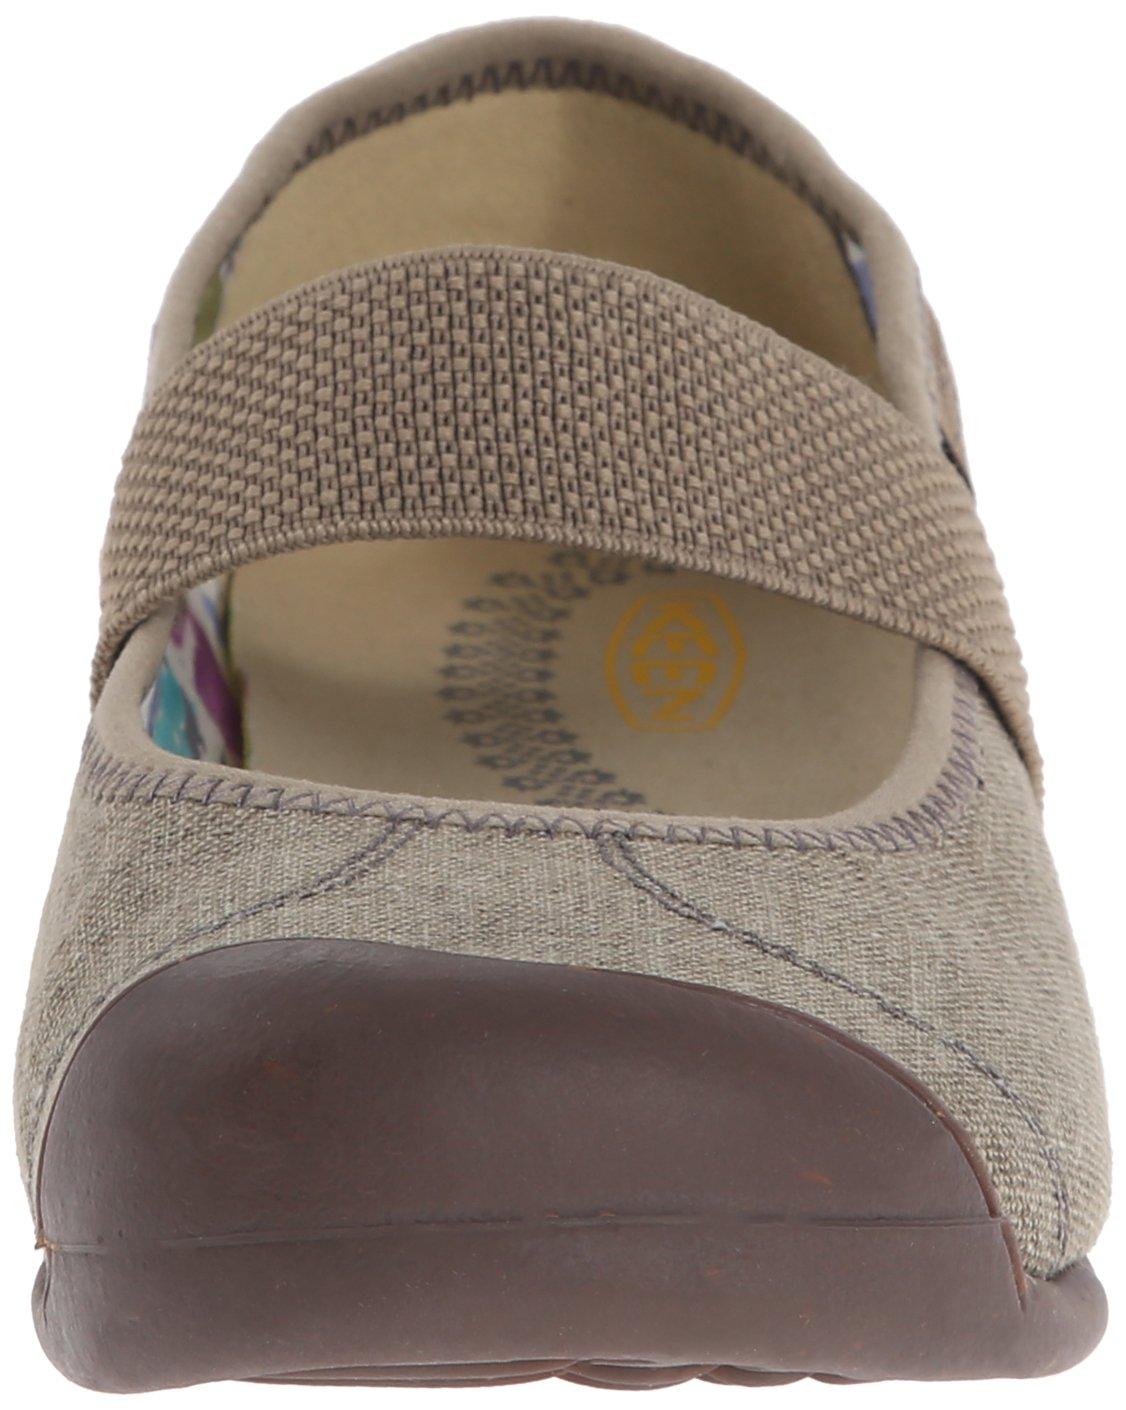 KEEN Women's Sienna 9.5 MJ Canvas Shoe B00ZFM4UOU 9.5 Sienna B(M) US|Brindle 68aff1